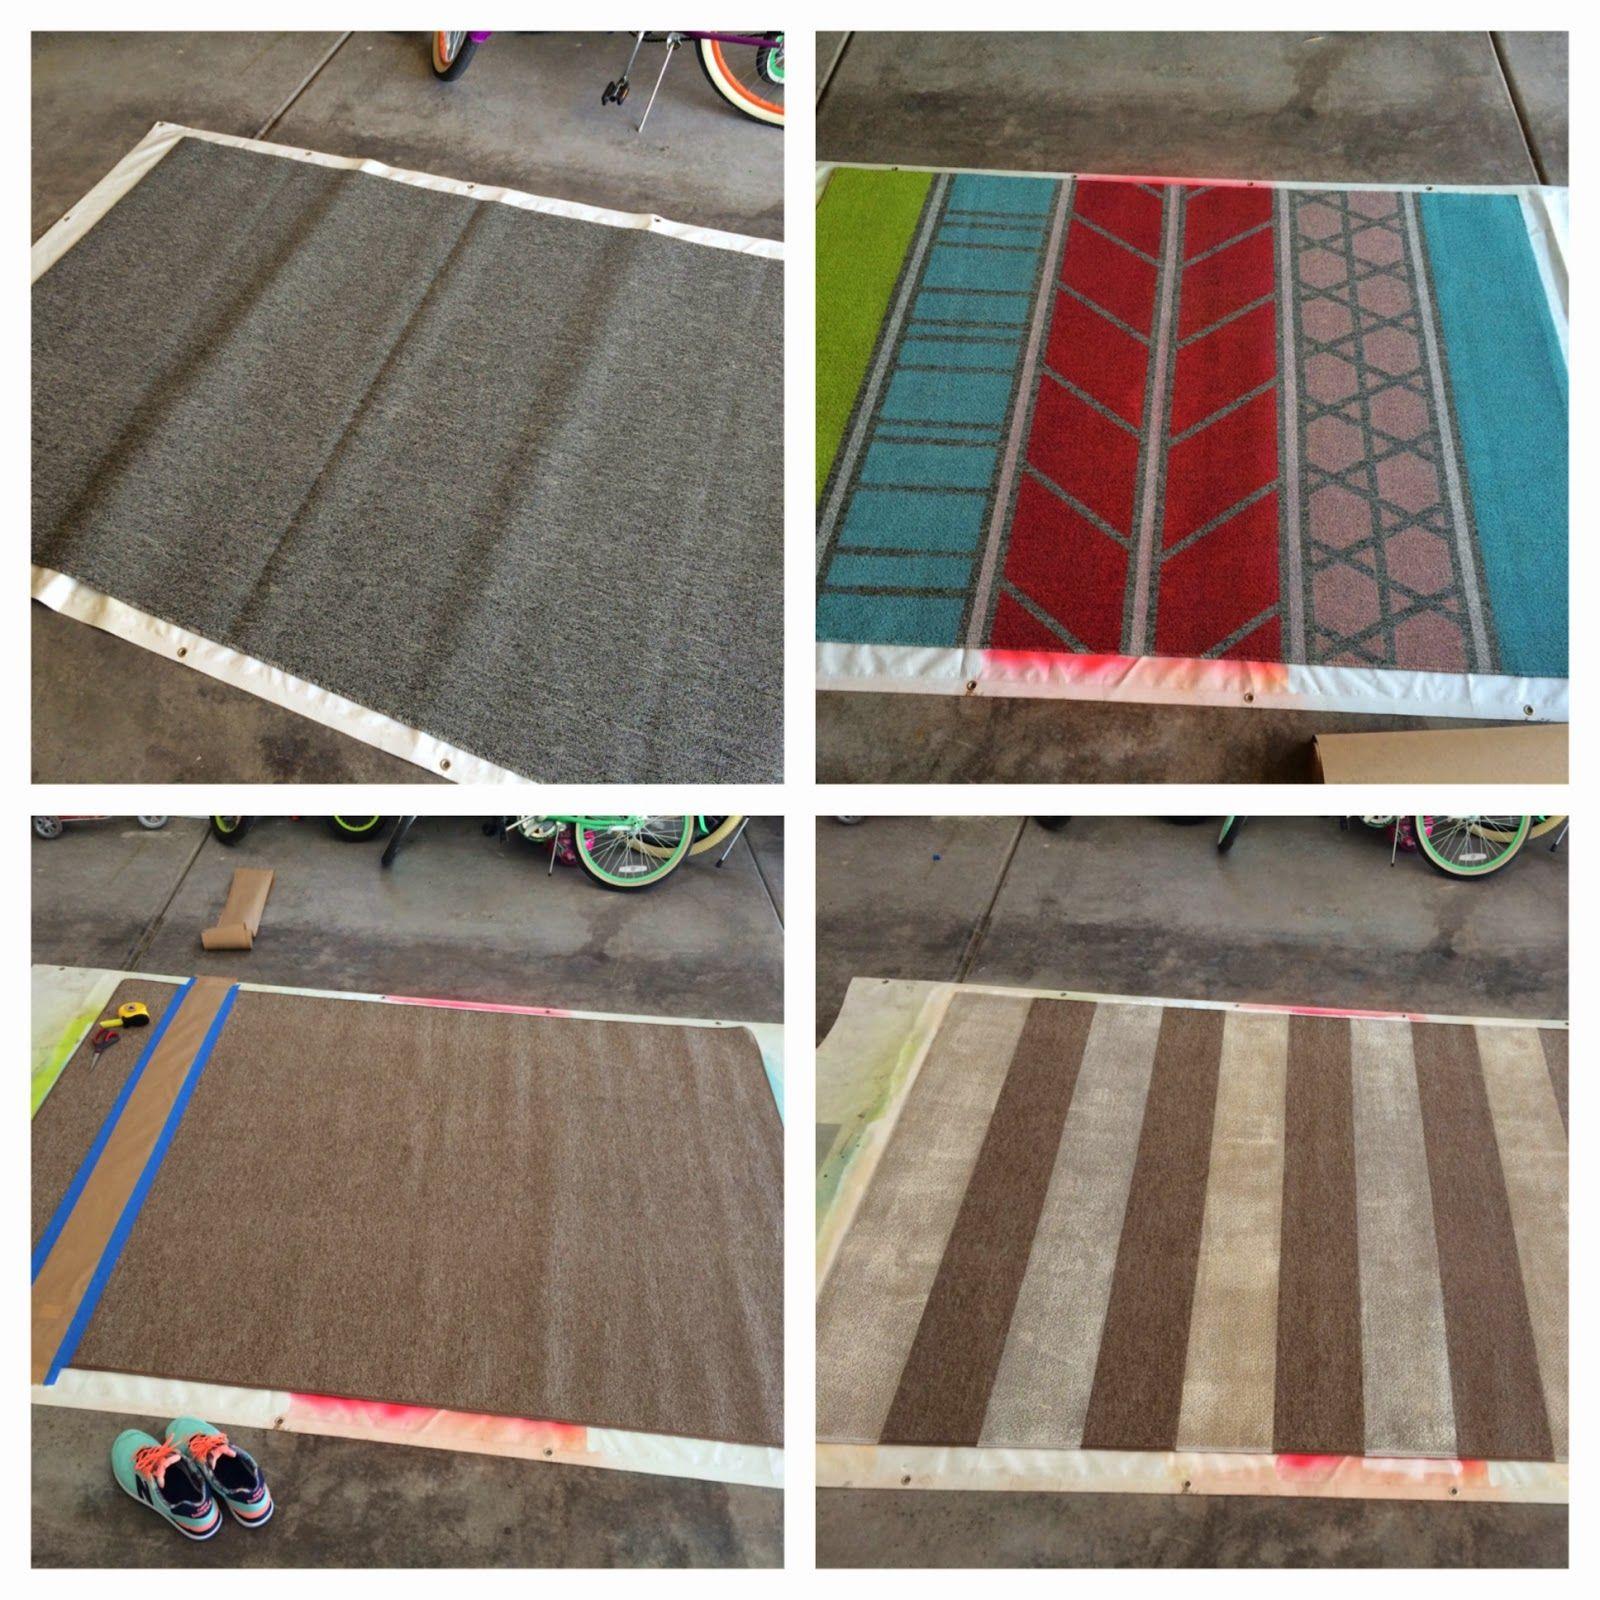 40 Painted Area Rugs Studio 5 Video Link Diy Rug Cool Rugs